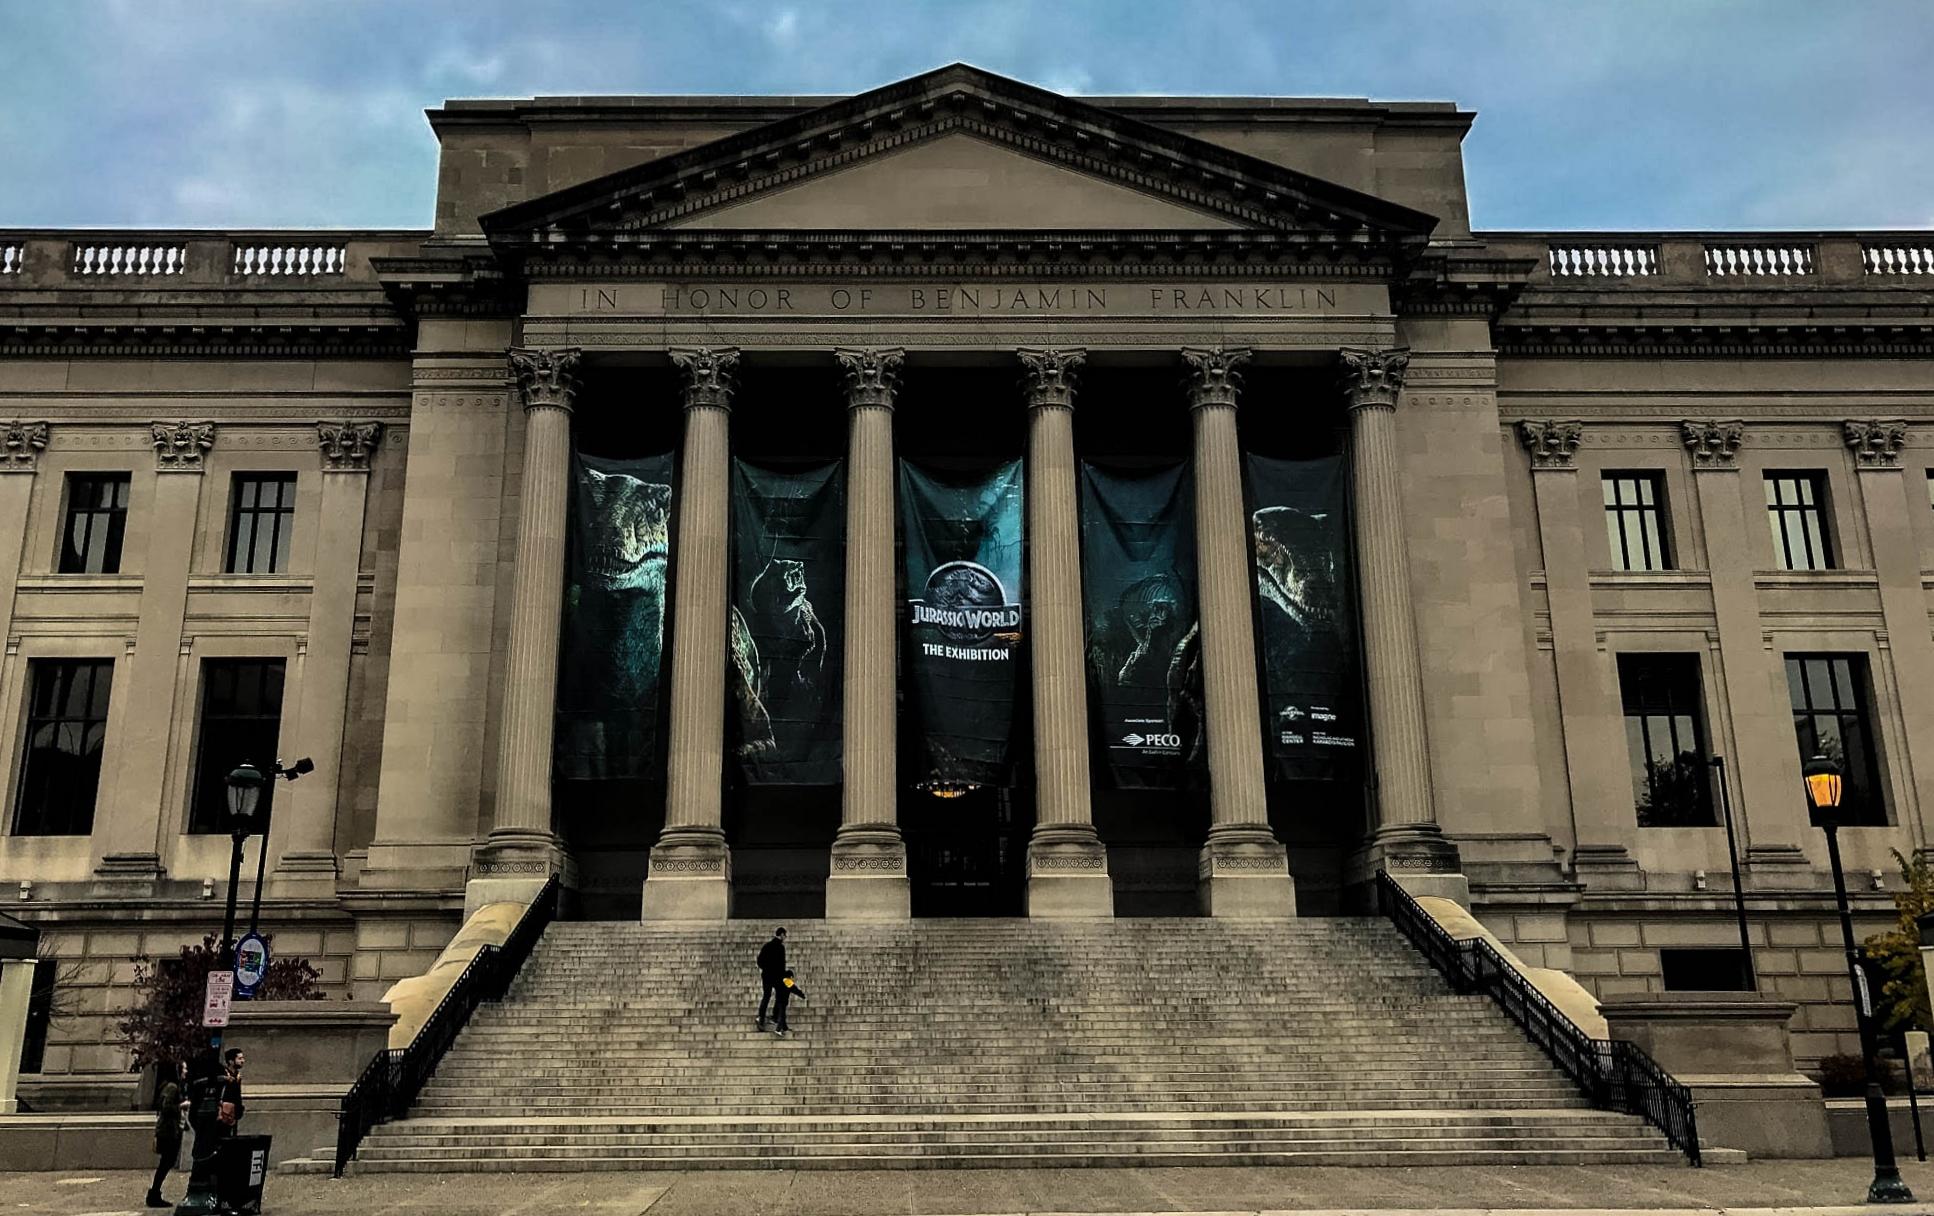 The Franklin Institute in Philadelphia, PA